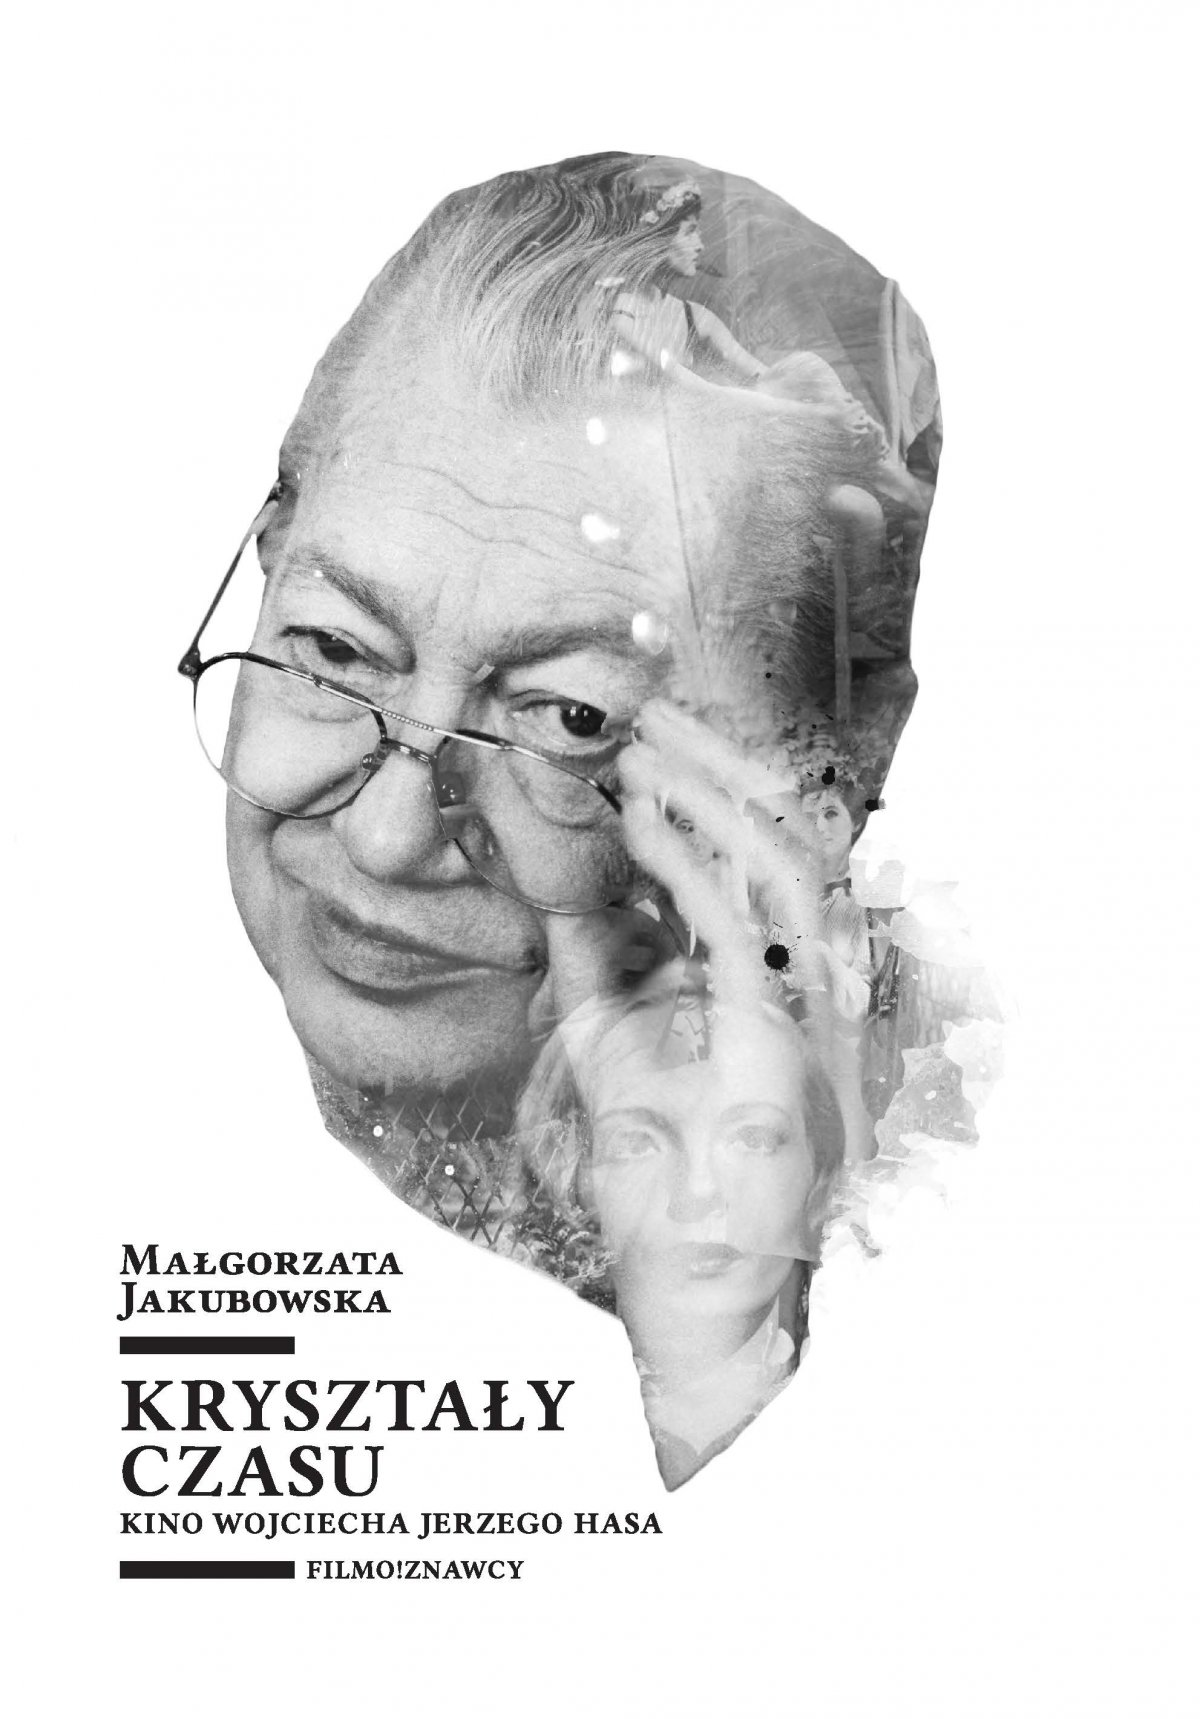 Kryształy czasu. Kino Wojciecha Jerzego Hasa - Ebook (Książka PDF) do pobrania w formacie PDF